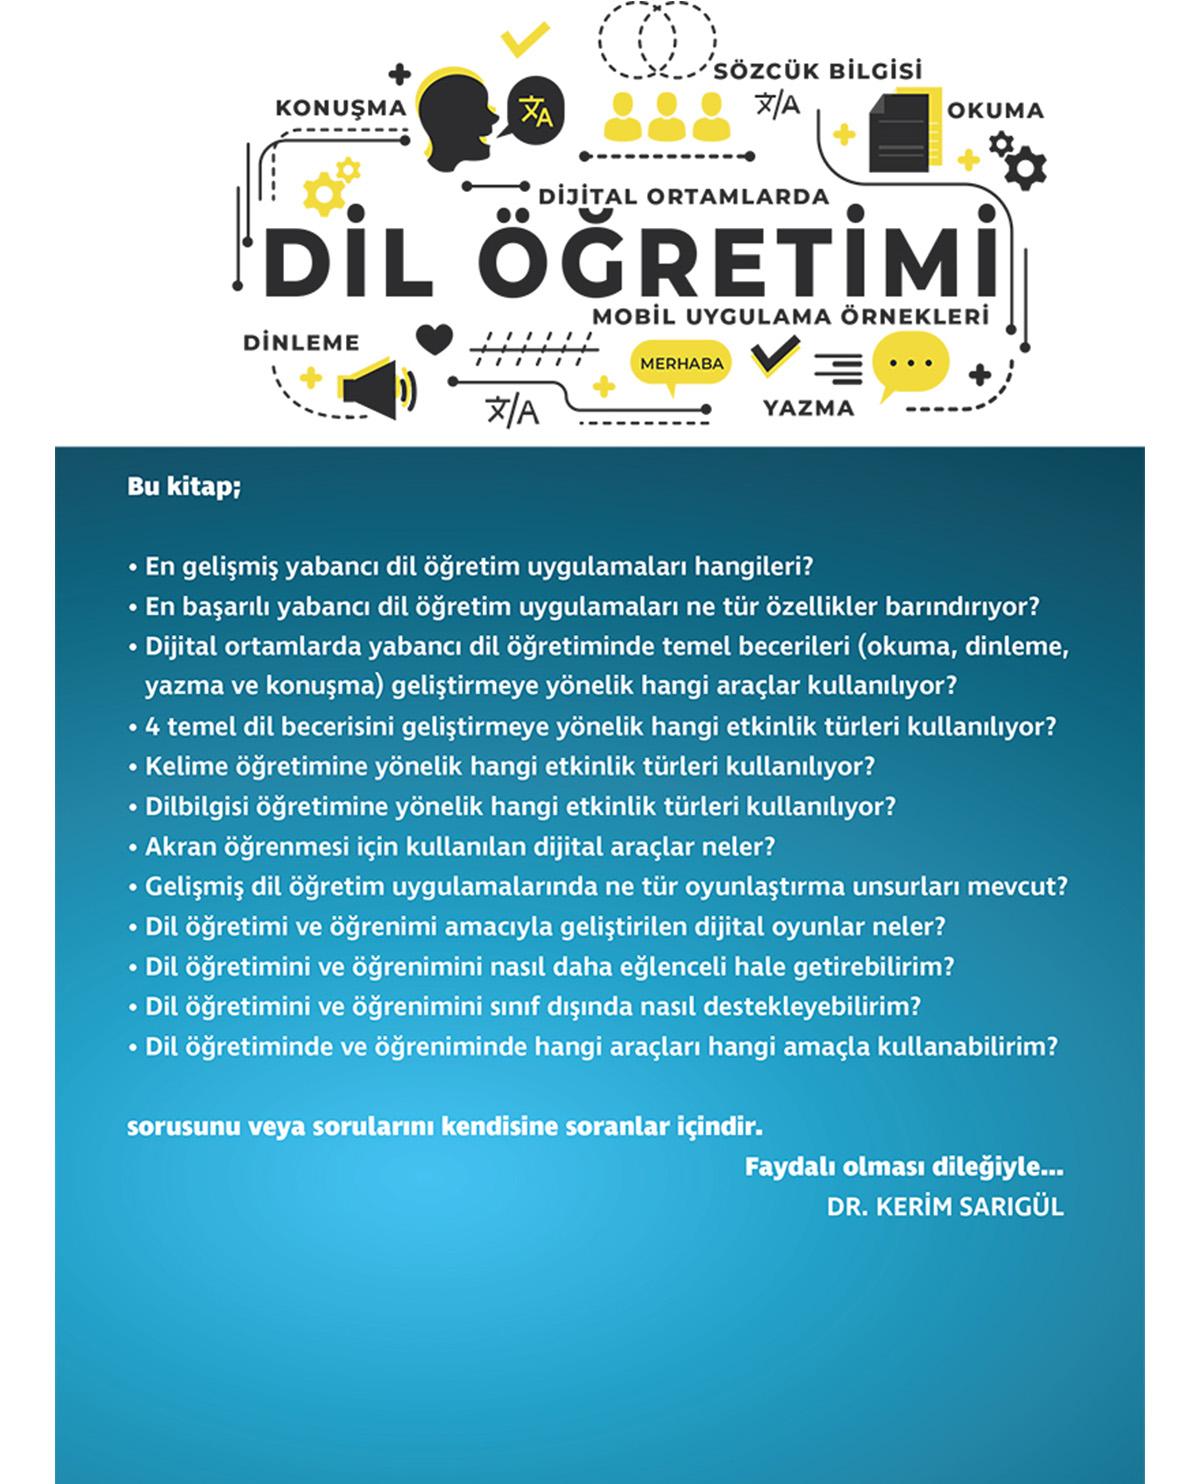 Dijital Ortamlarda Dil Öğretimi - Mobil Uygulama Örnekleri